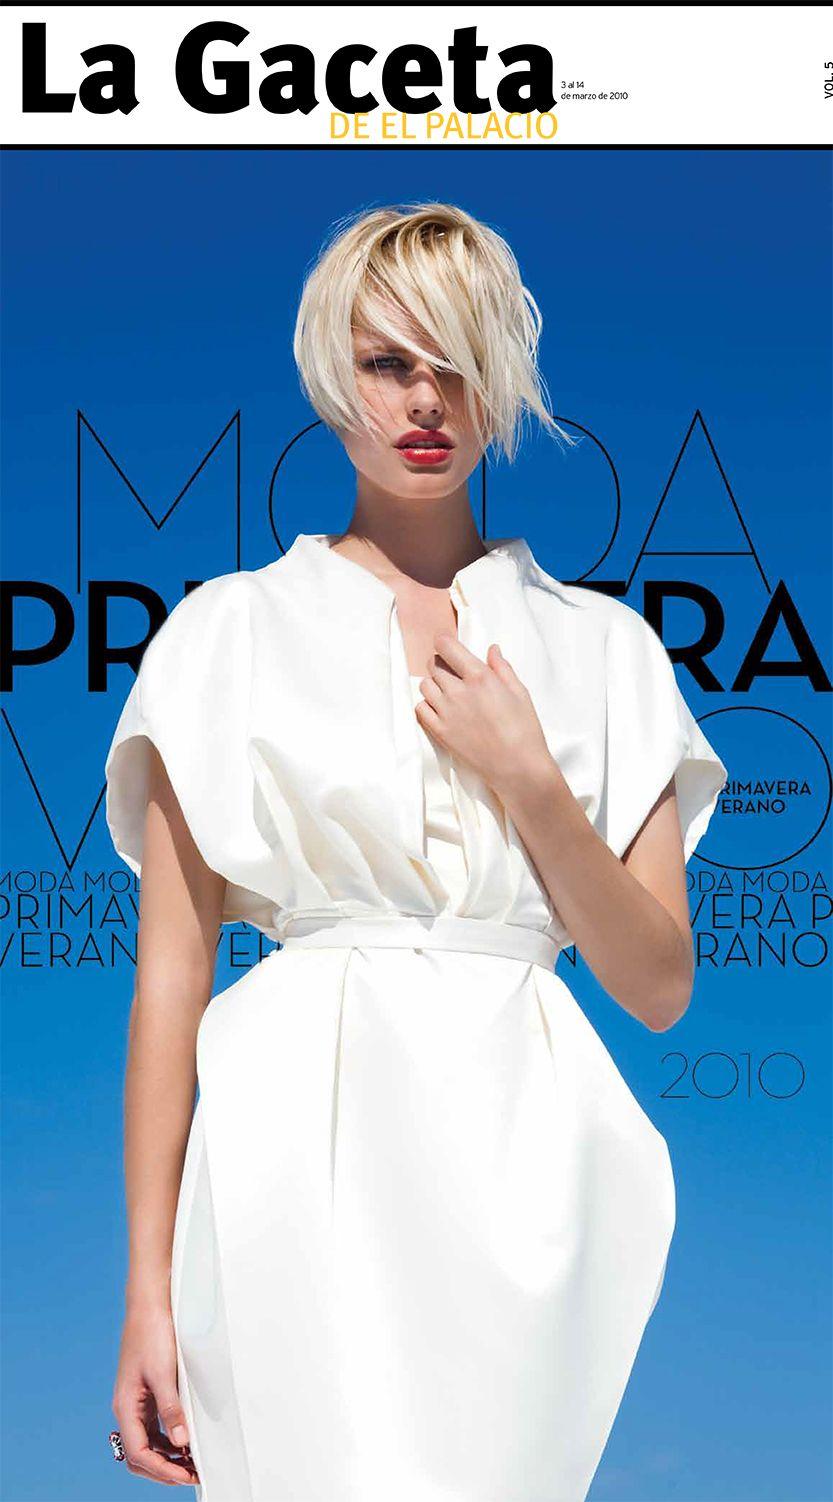 No. 5 #PalaciodeHierro #ElPalacio #ElPalaciodeHierro #Fashion  #ExclusivaPalacio #Style #FashionStye #Lookbook #Moda #Gaceta #Portadas #Informacion